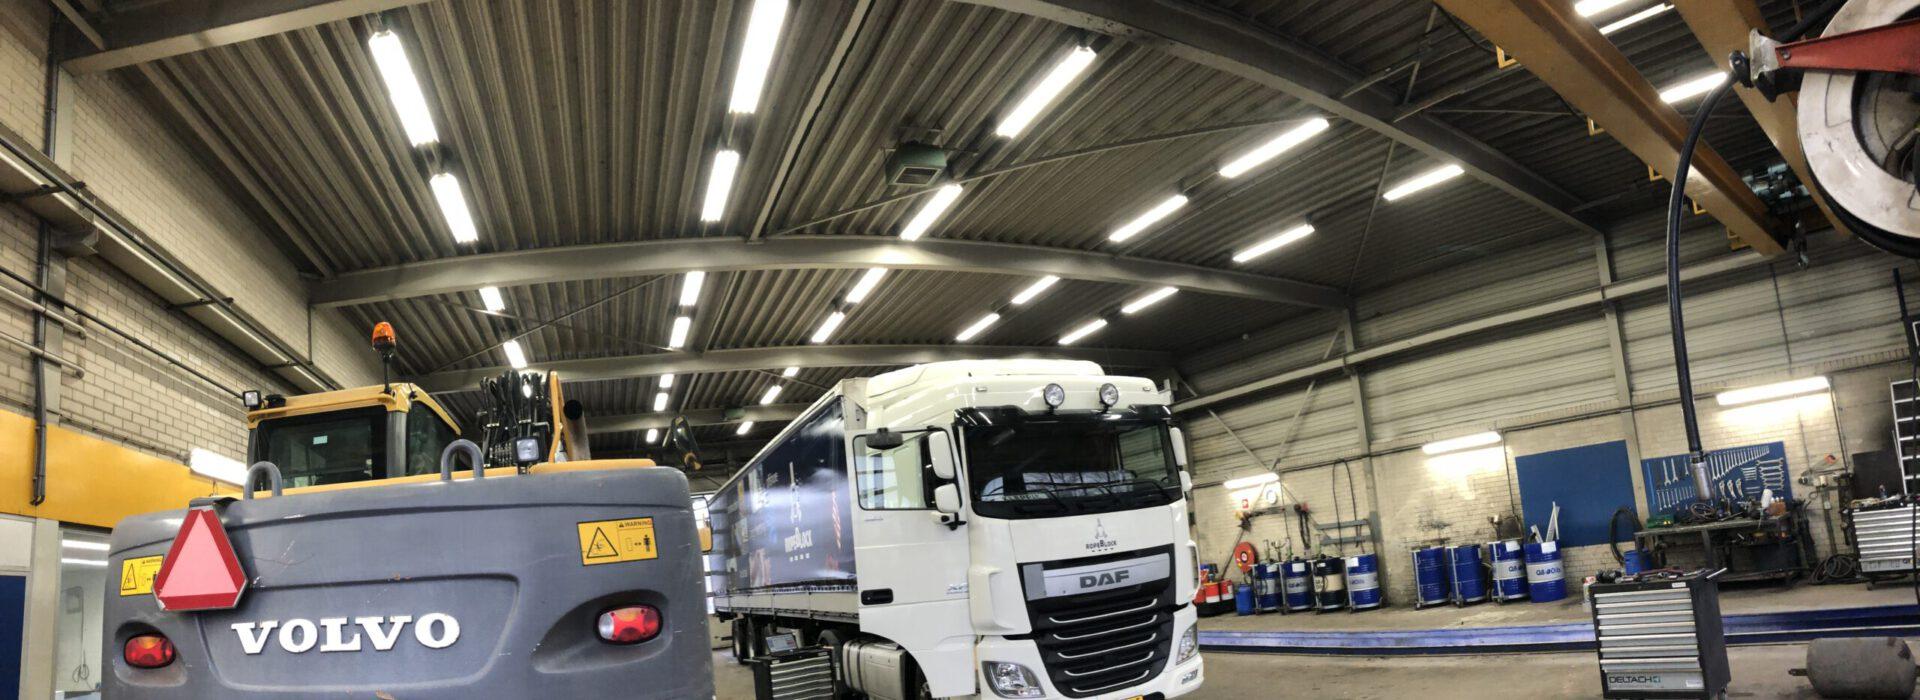 LED Service Twente Tubbergen